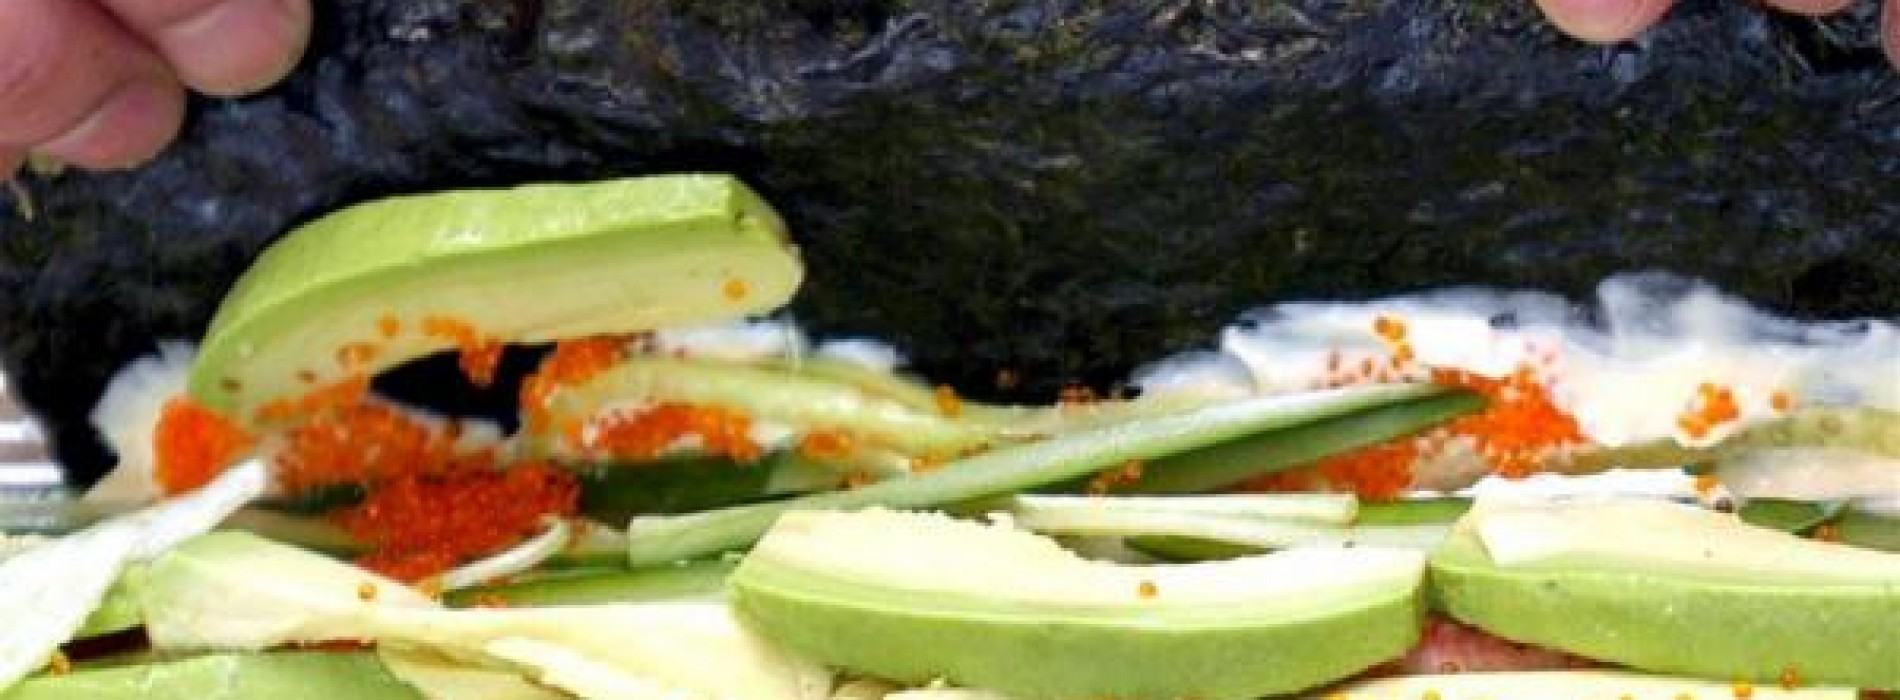 Met deze simpele truc is je avocado binnen een mum van tijd perfect rijp